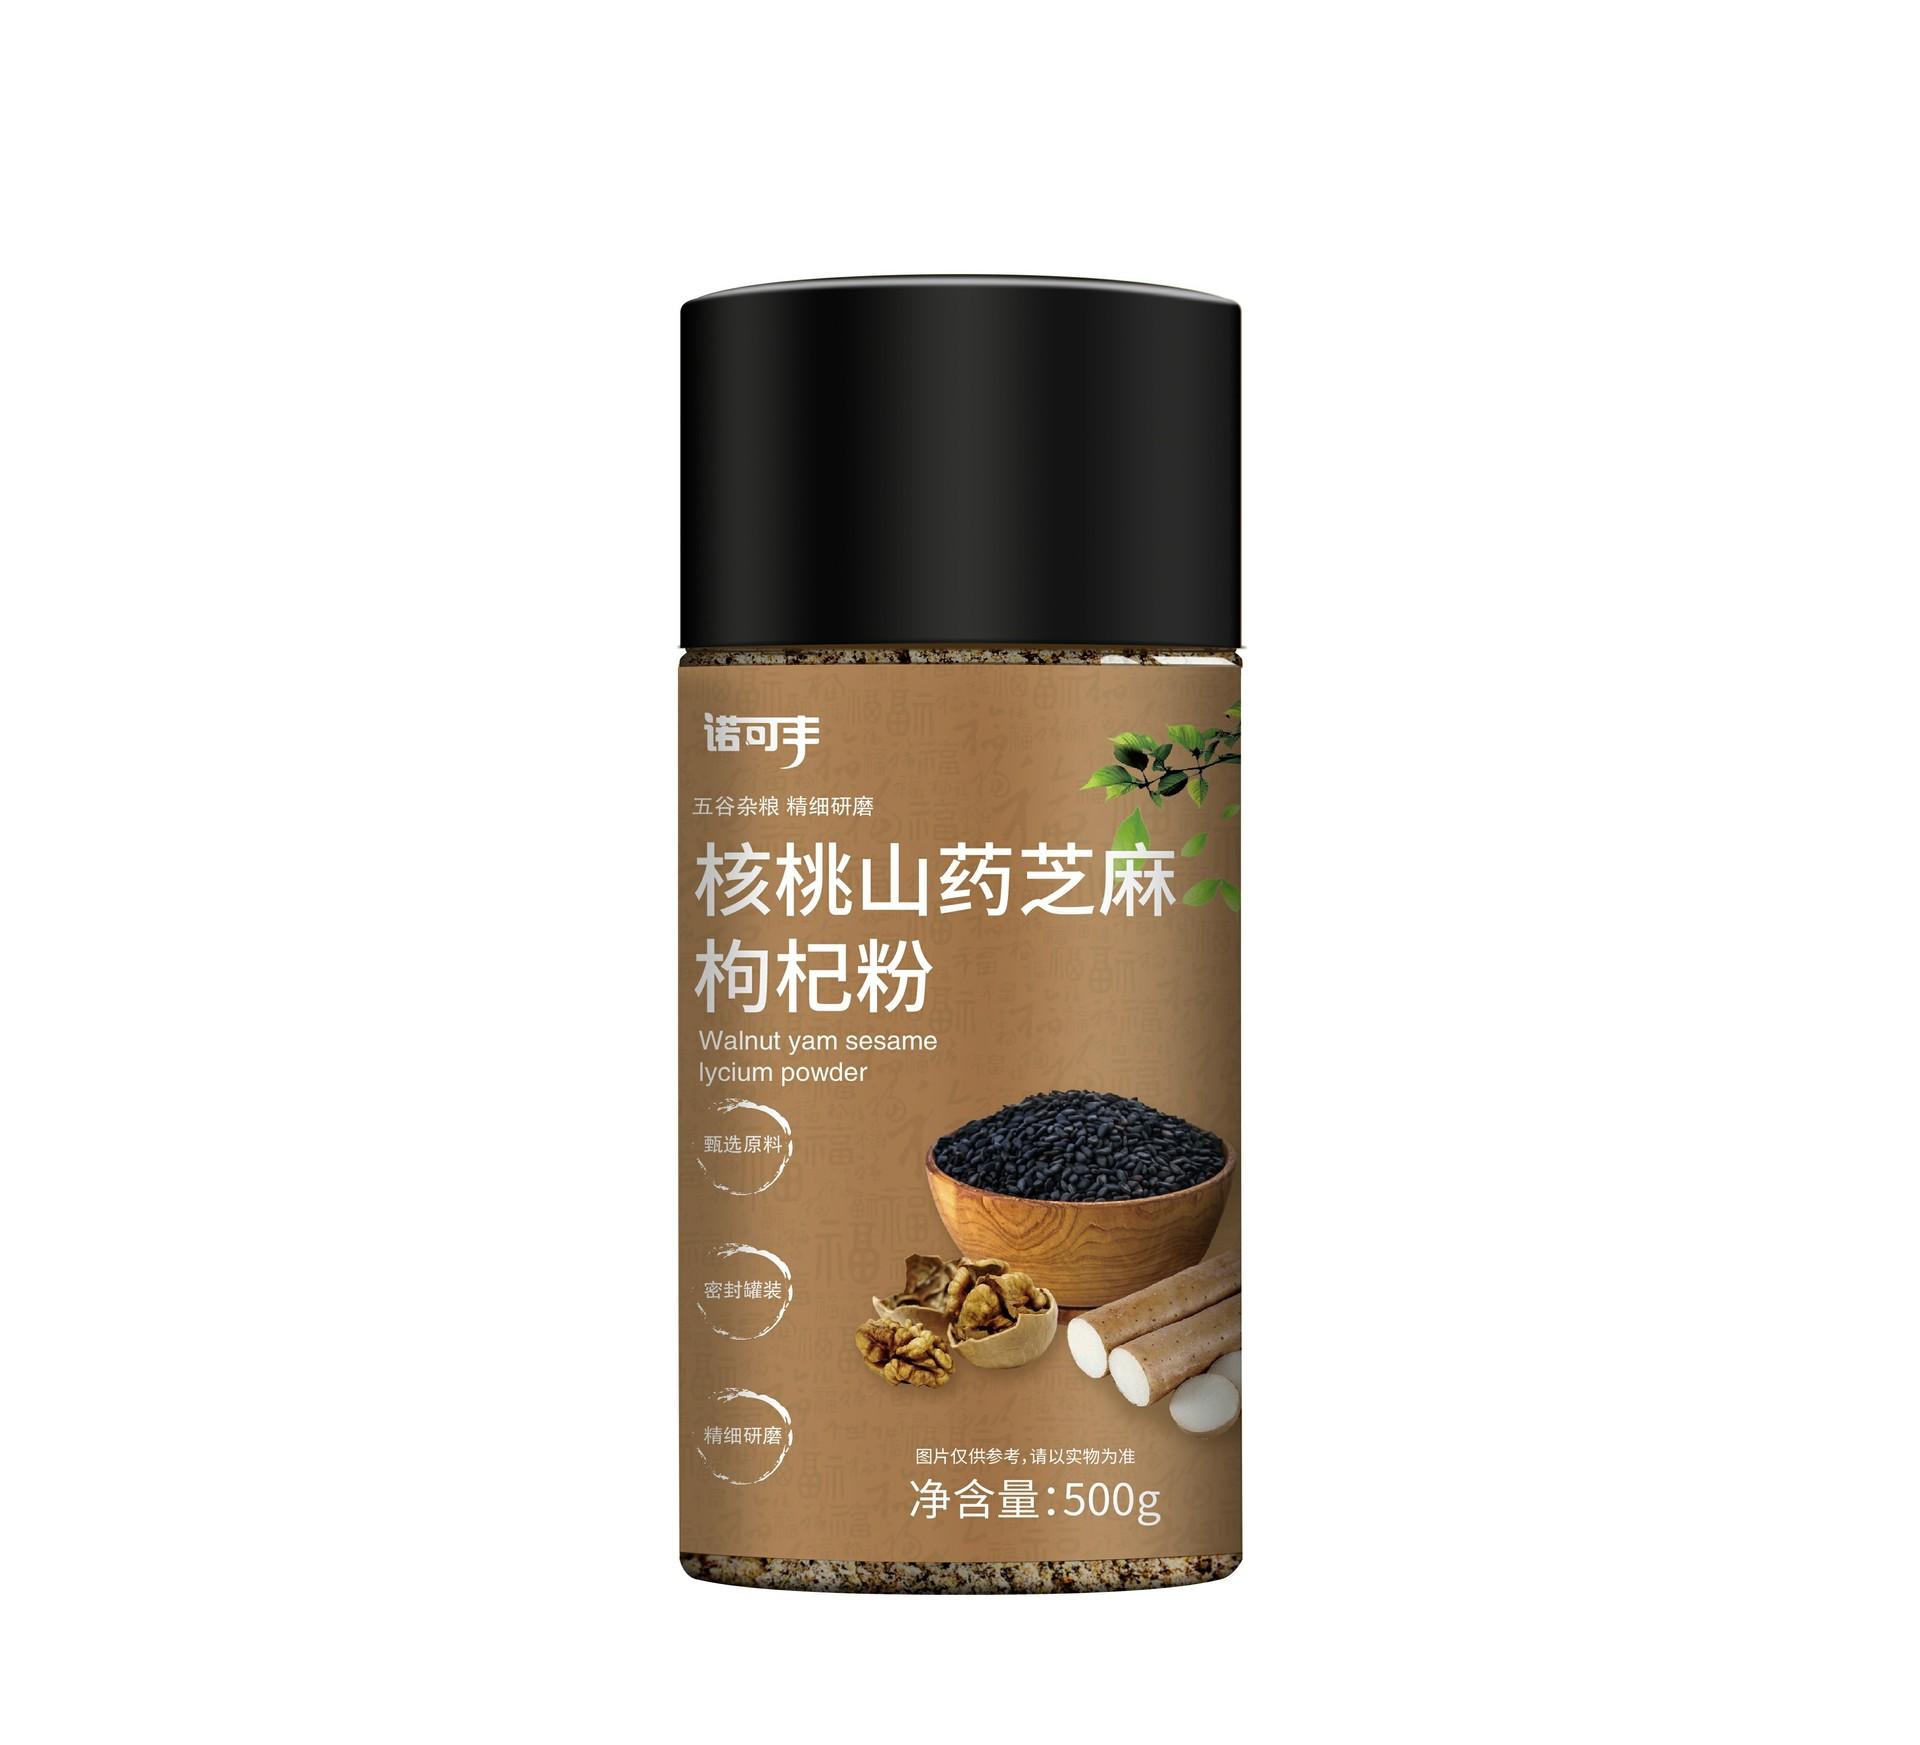 诺可丰-核桃山药芝麻枸杞粉